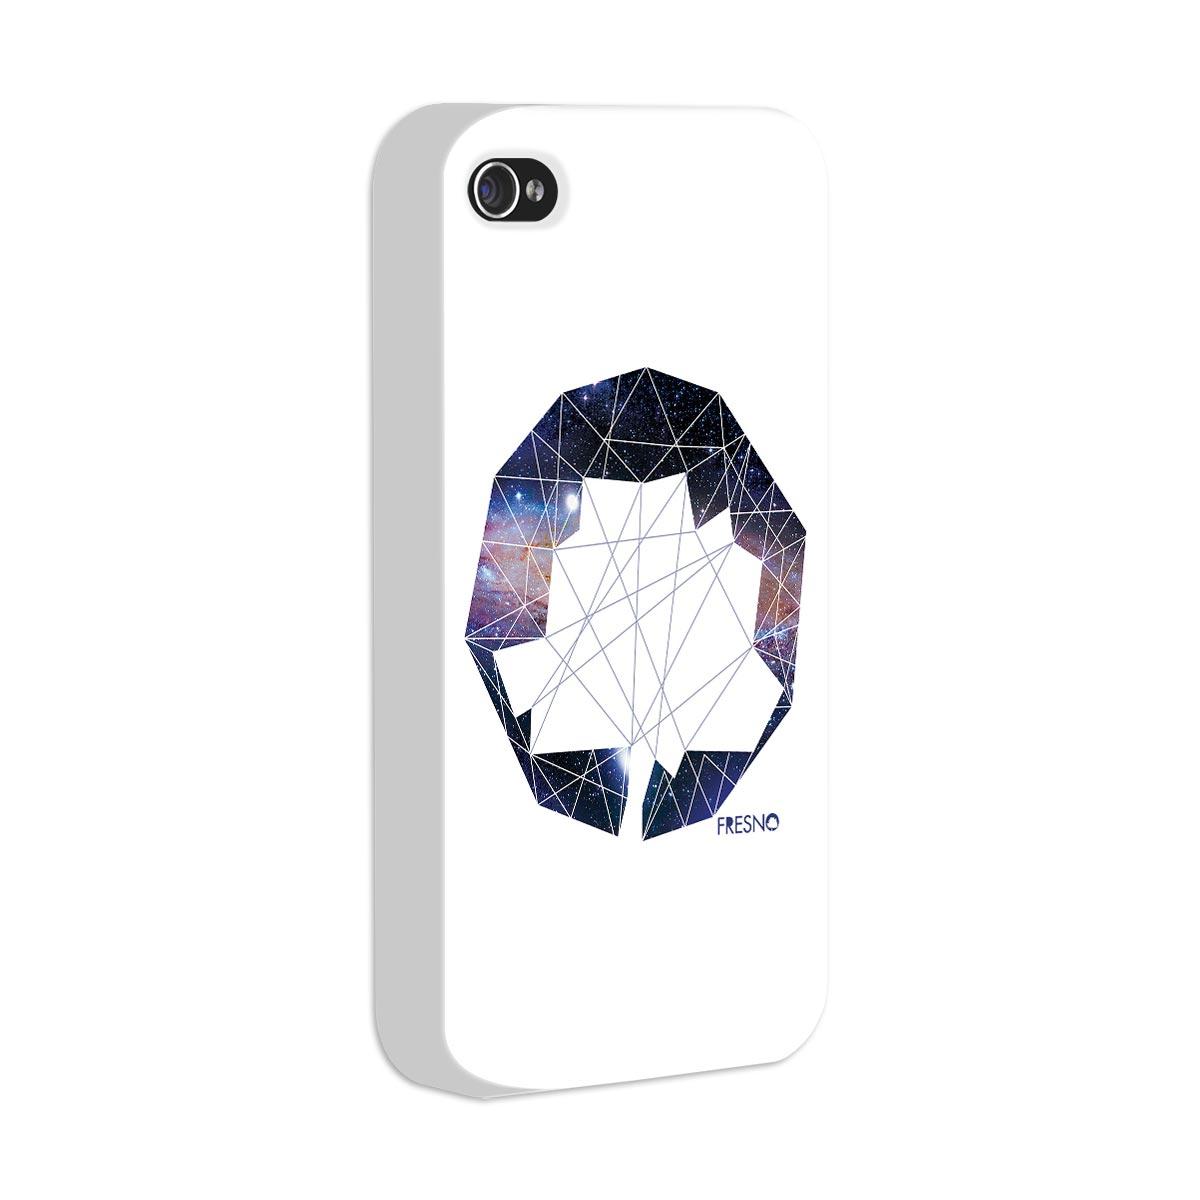 Capa de iPhone 4/4S Fresno Logo Galaxias